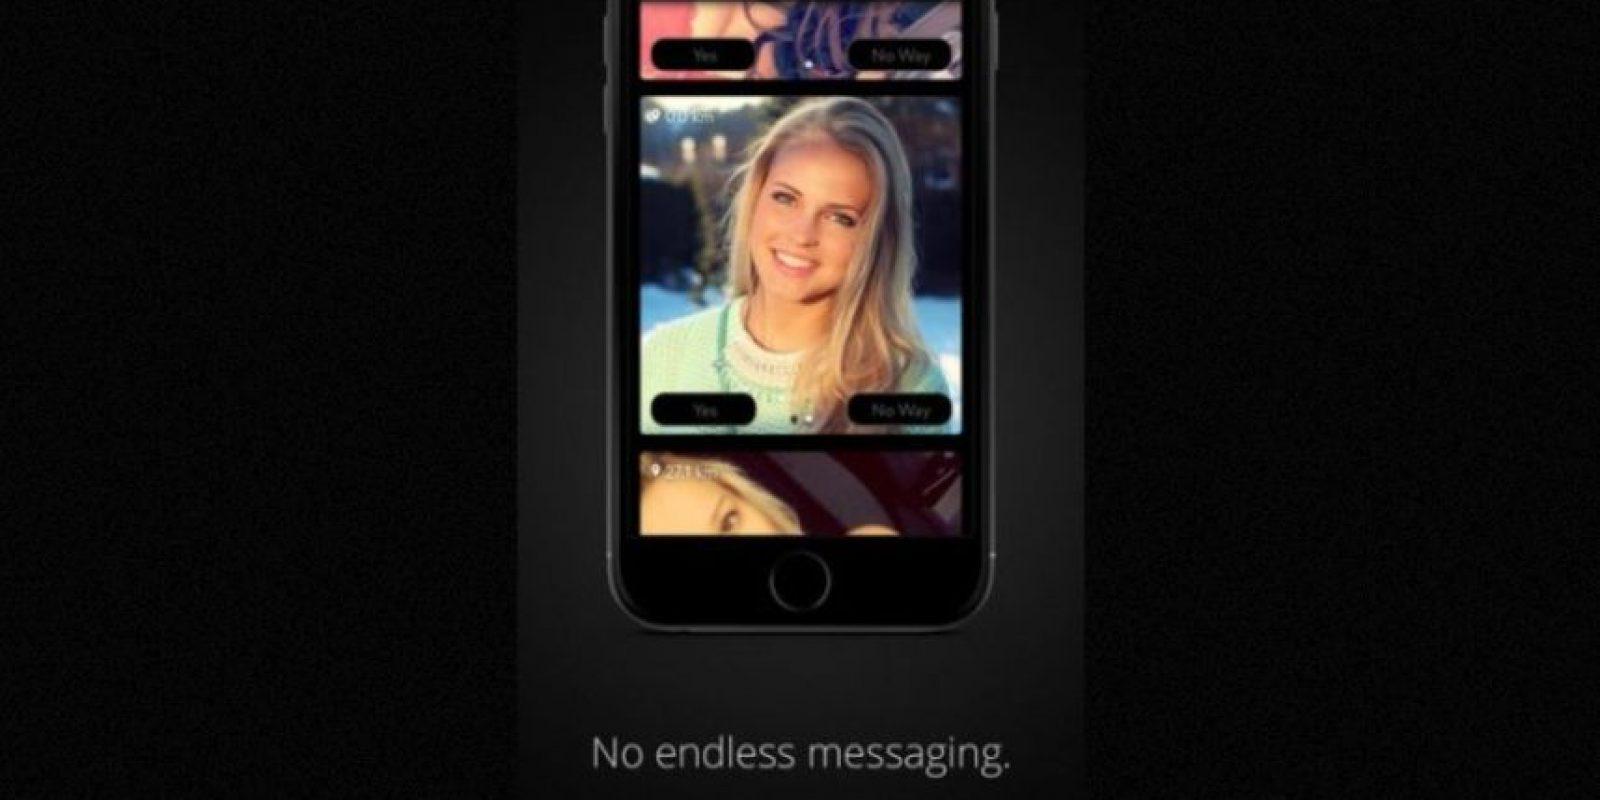 """""""Sin mensajes eternos"""". La app promete conectarlos con quien esté buscando tener sexo Foto:GetPure.org"""